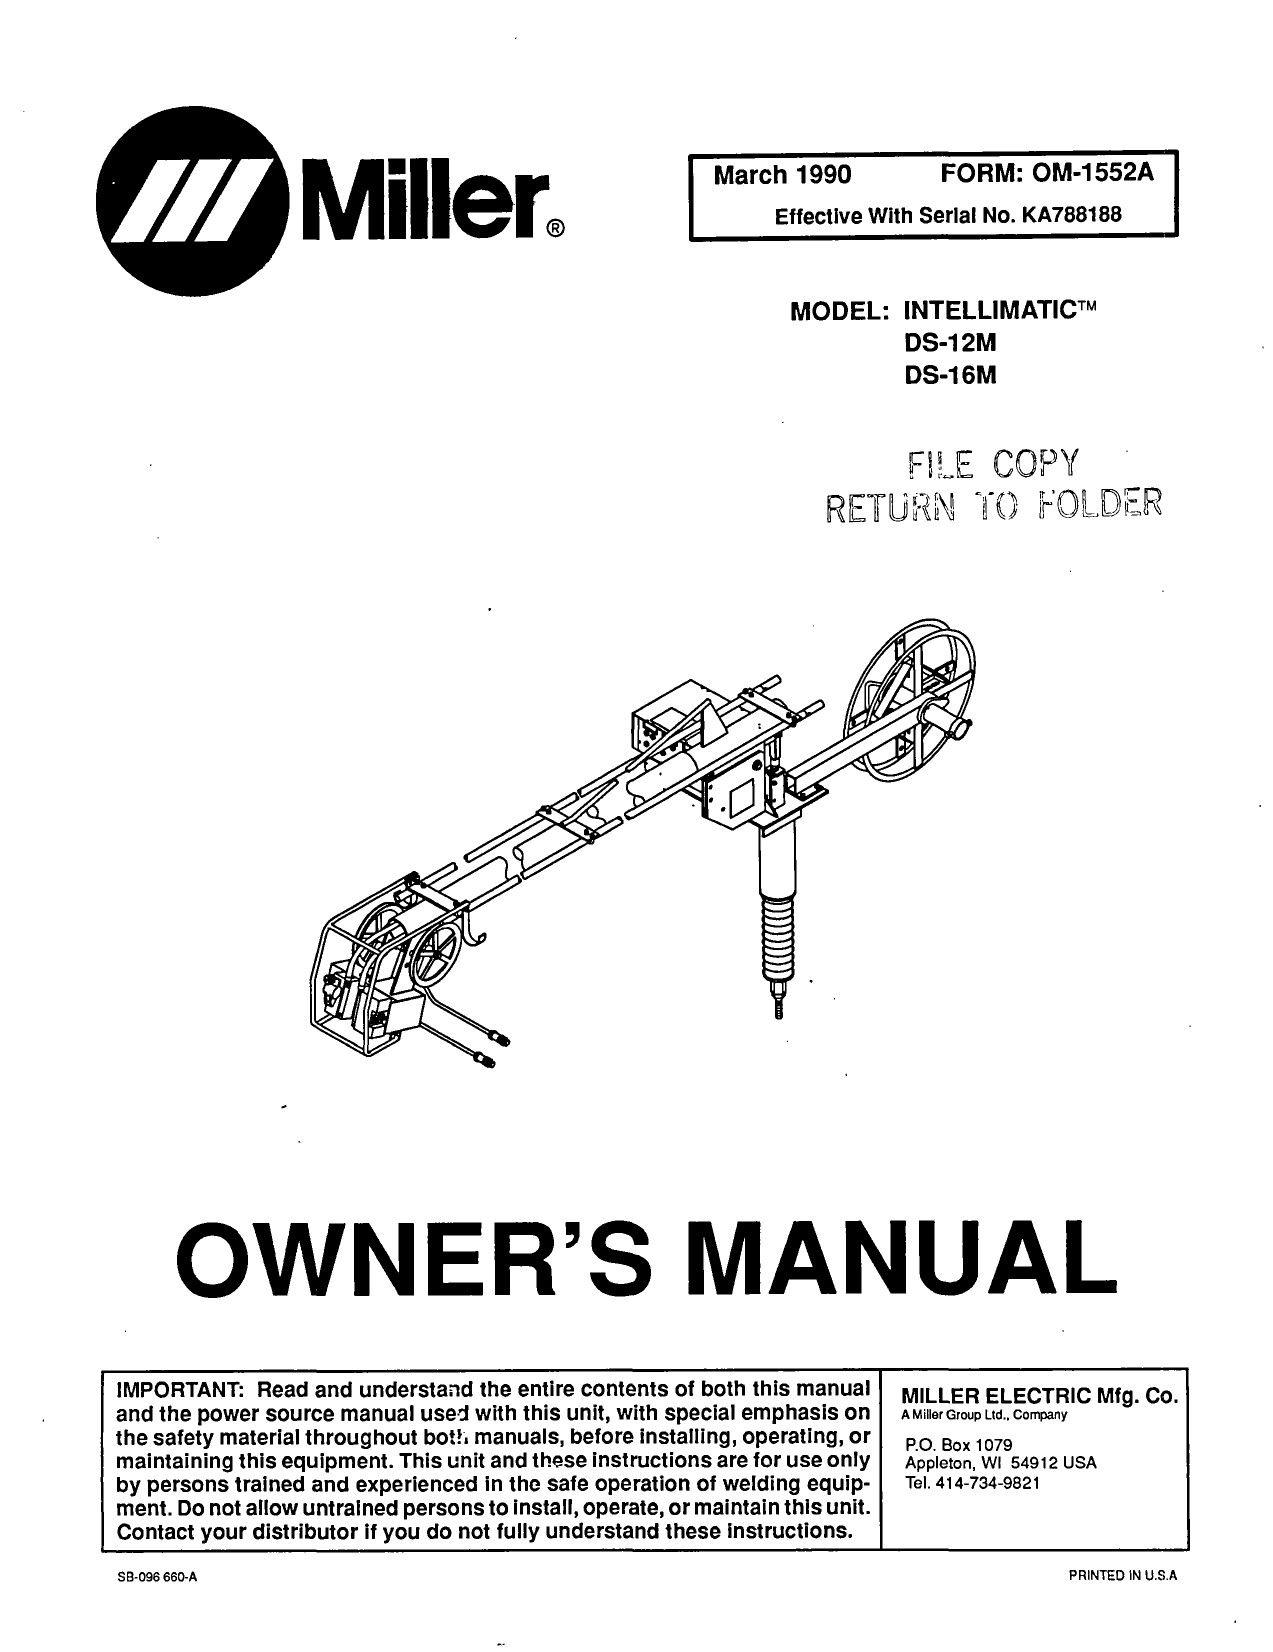 14 Pin Miller Wiring Diagram New In 2020 Understanding Informative Power Source